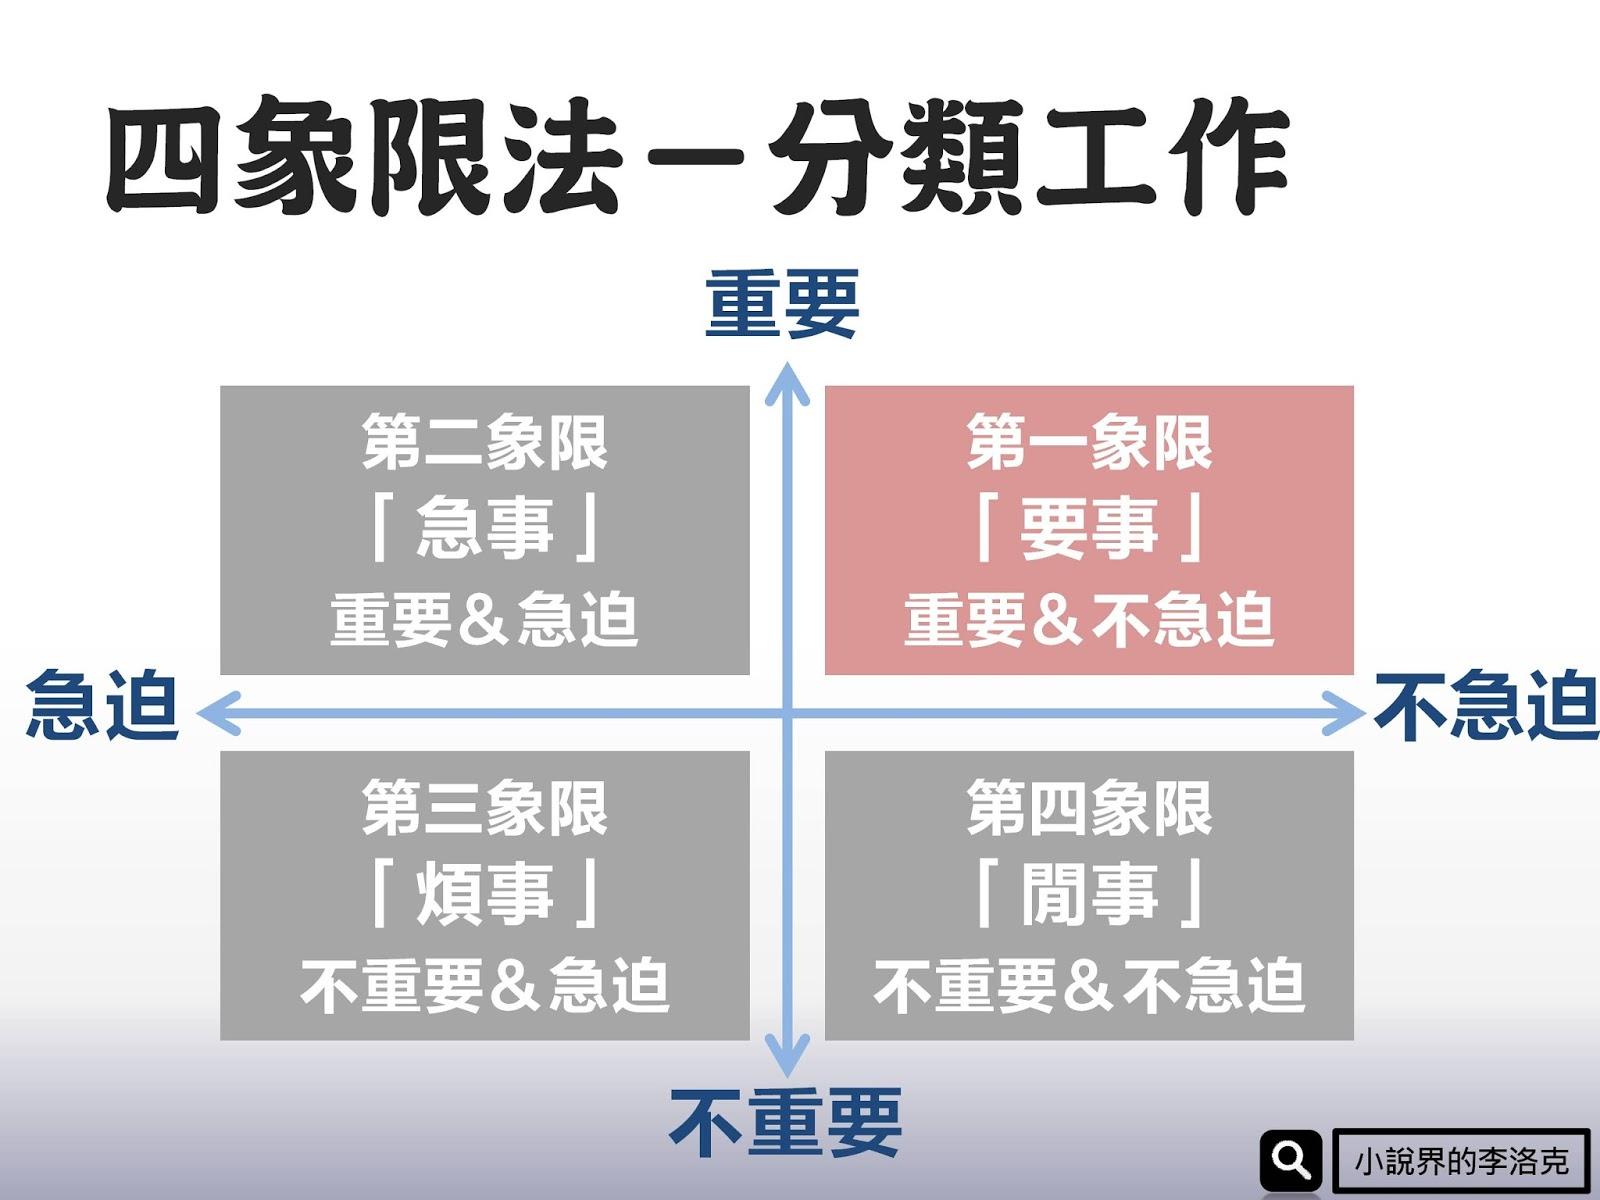 【小說商學院】時間四象限法-工作管理